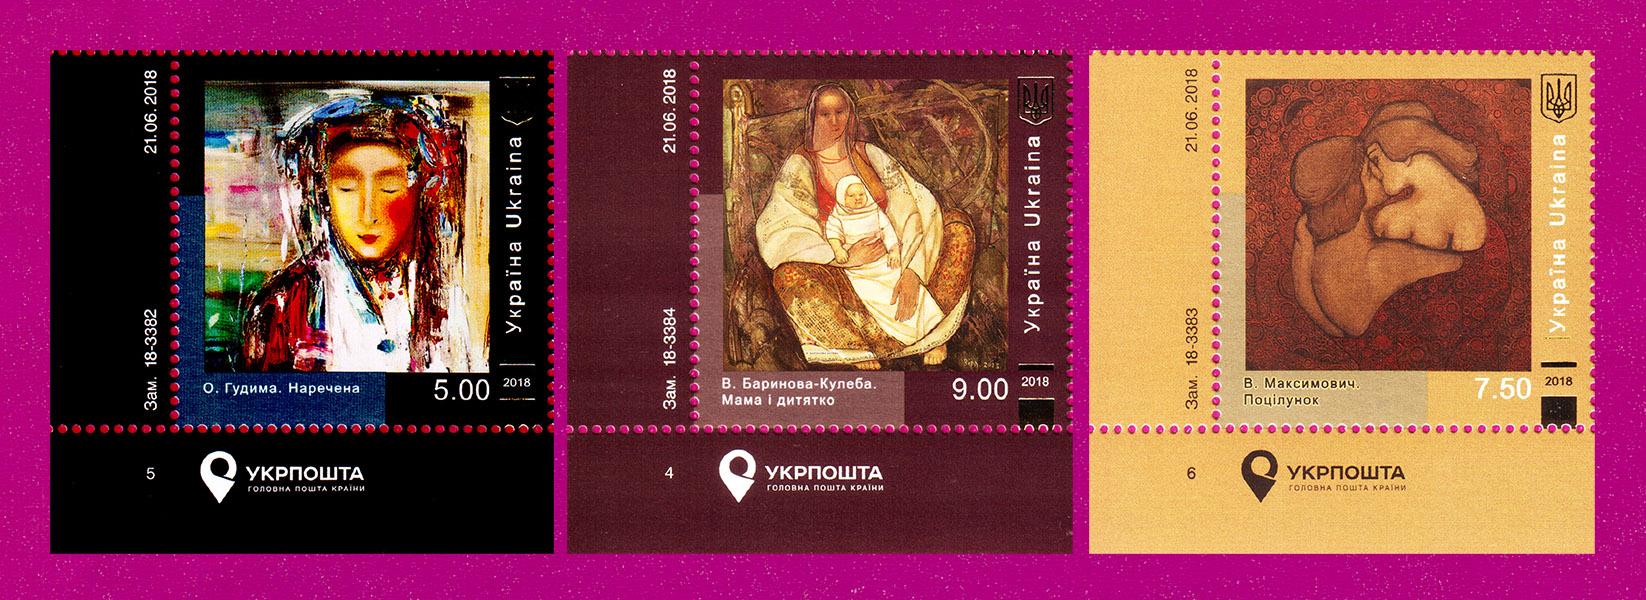 2018 марки Живопись Любовь - это жизнь СЕРИЯ надпись Укрпочта Украина